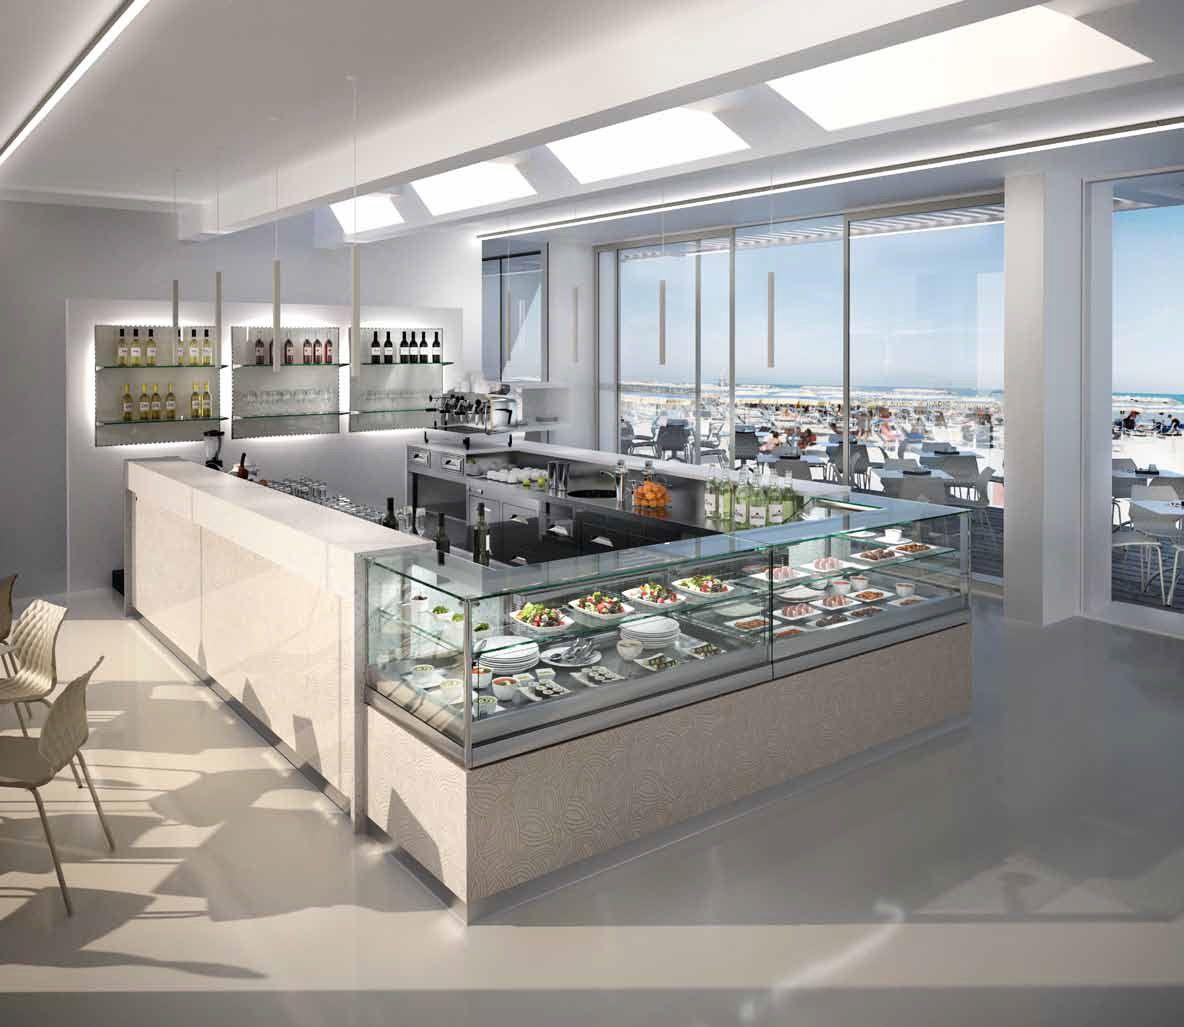 Arredamento bar Milano - Banco bar Milano - Arredamento bar ...